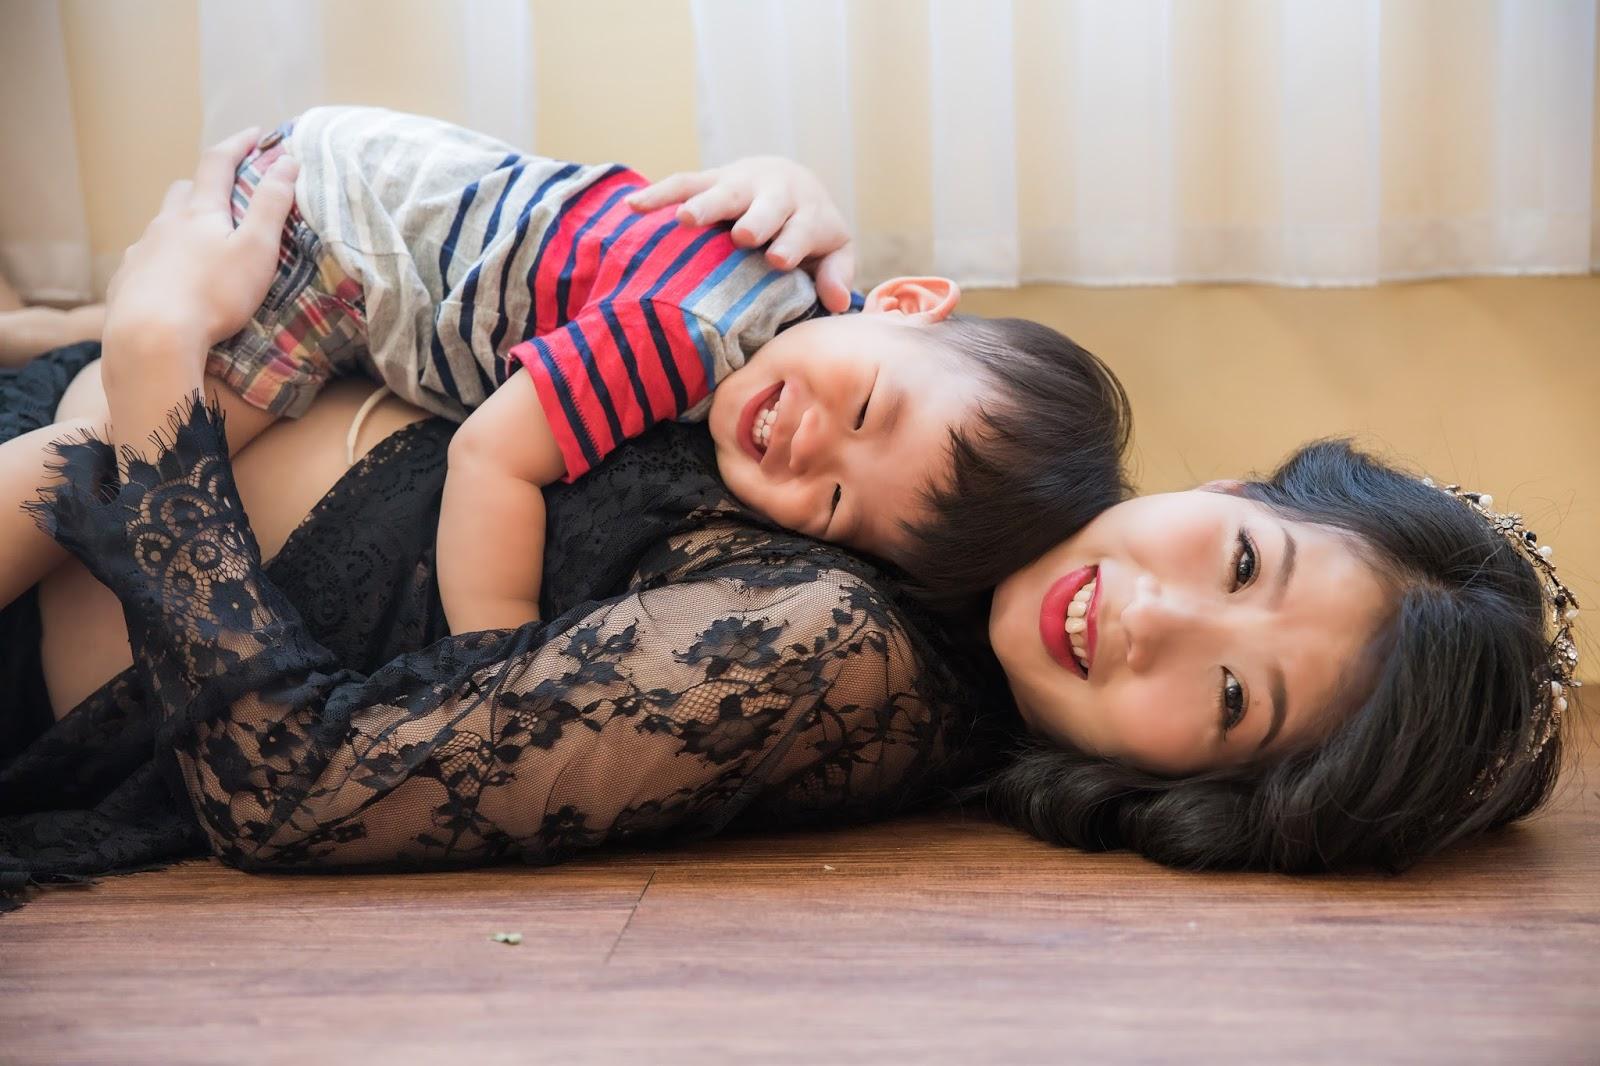 台南 孕婦寫真 女攝影師 南法 小步舞曲 台南民宿